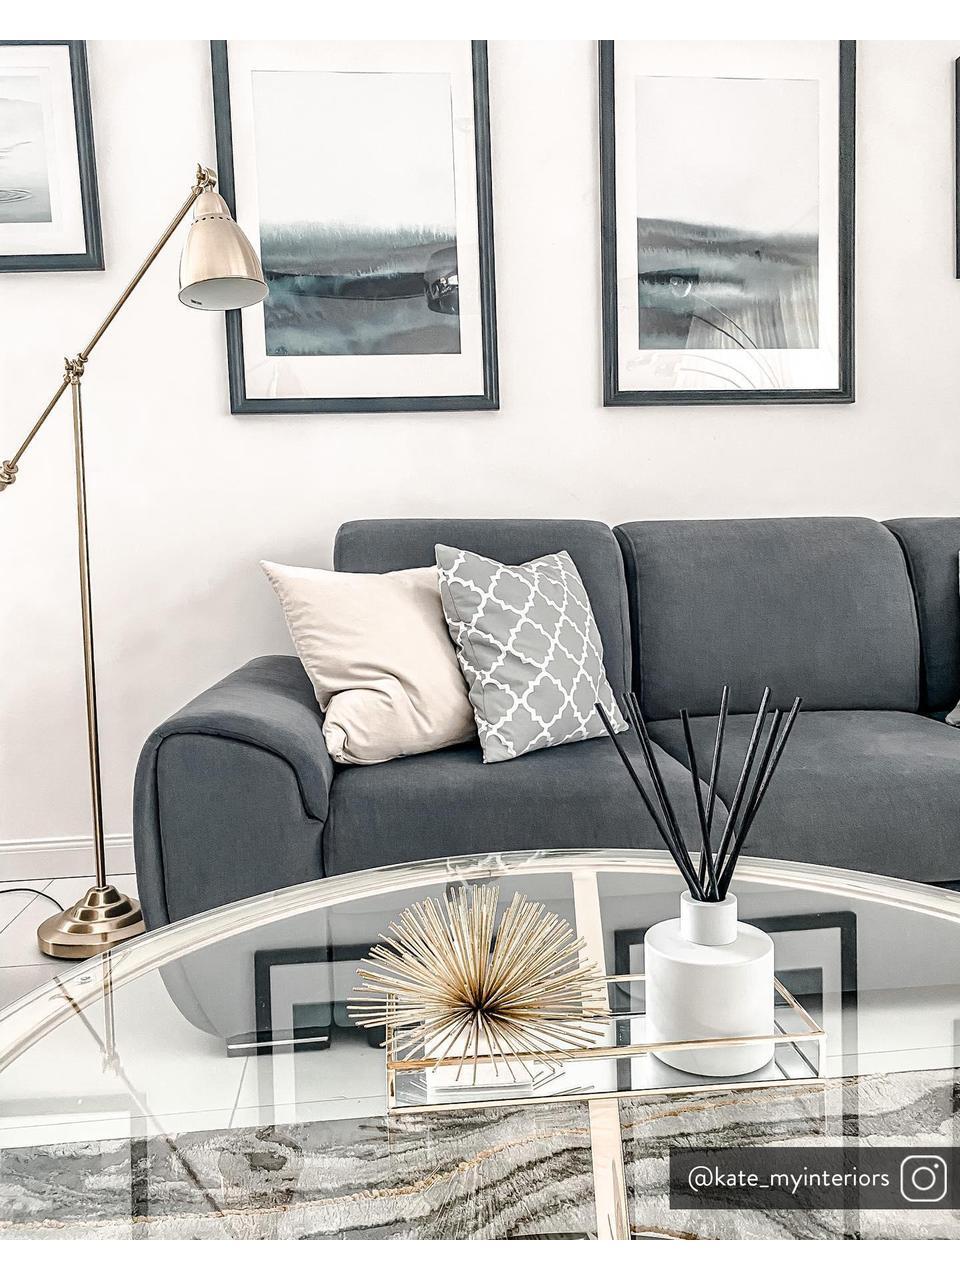 Kissenhülle Lana in Grau mit grafischem Muster, 100% Baumwolle, Grau, Weiß, 45 x 45 cm